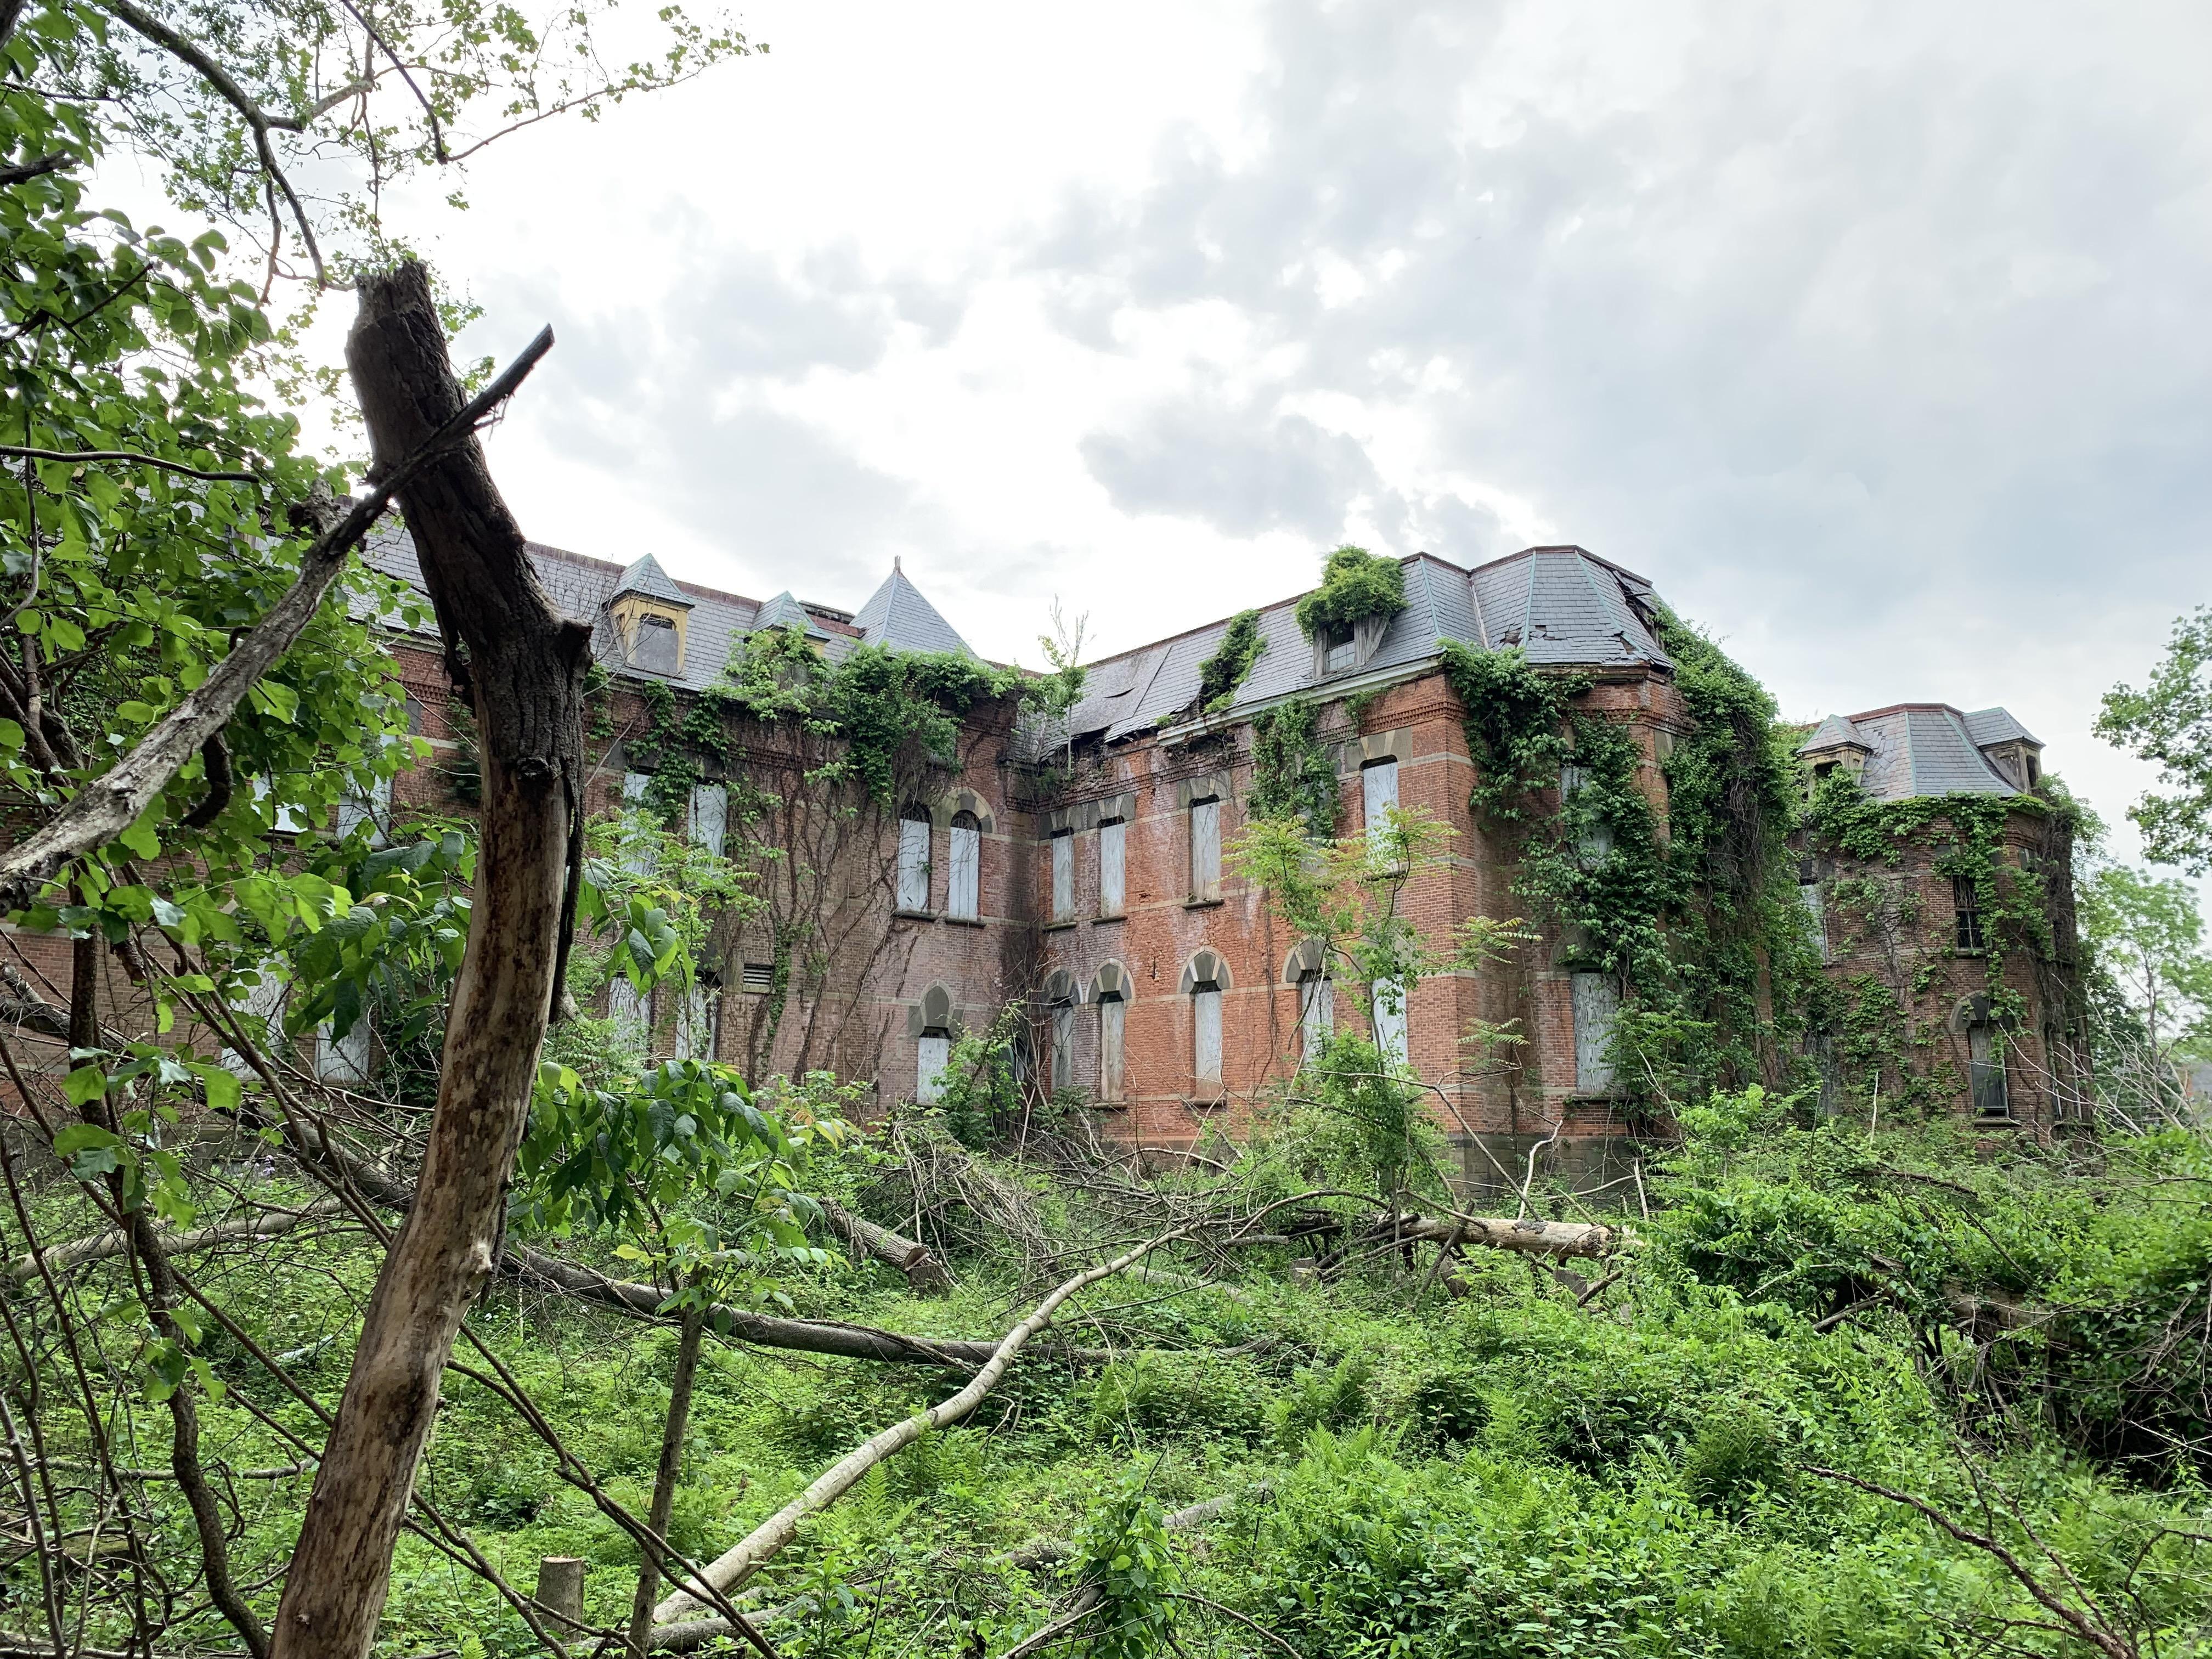 Abandoned Mental Hospital Near Me Hospital Near Me Abandoned Mental Hospital